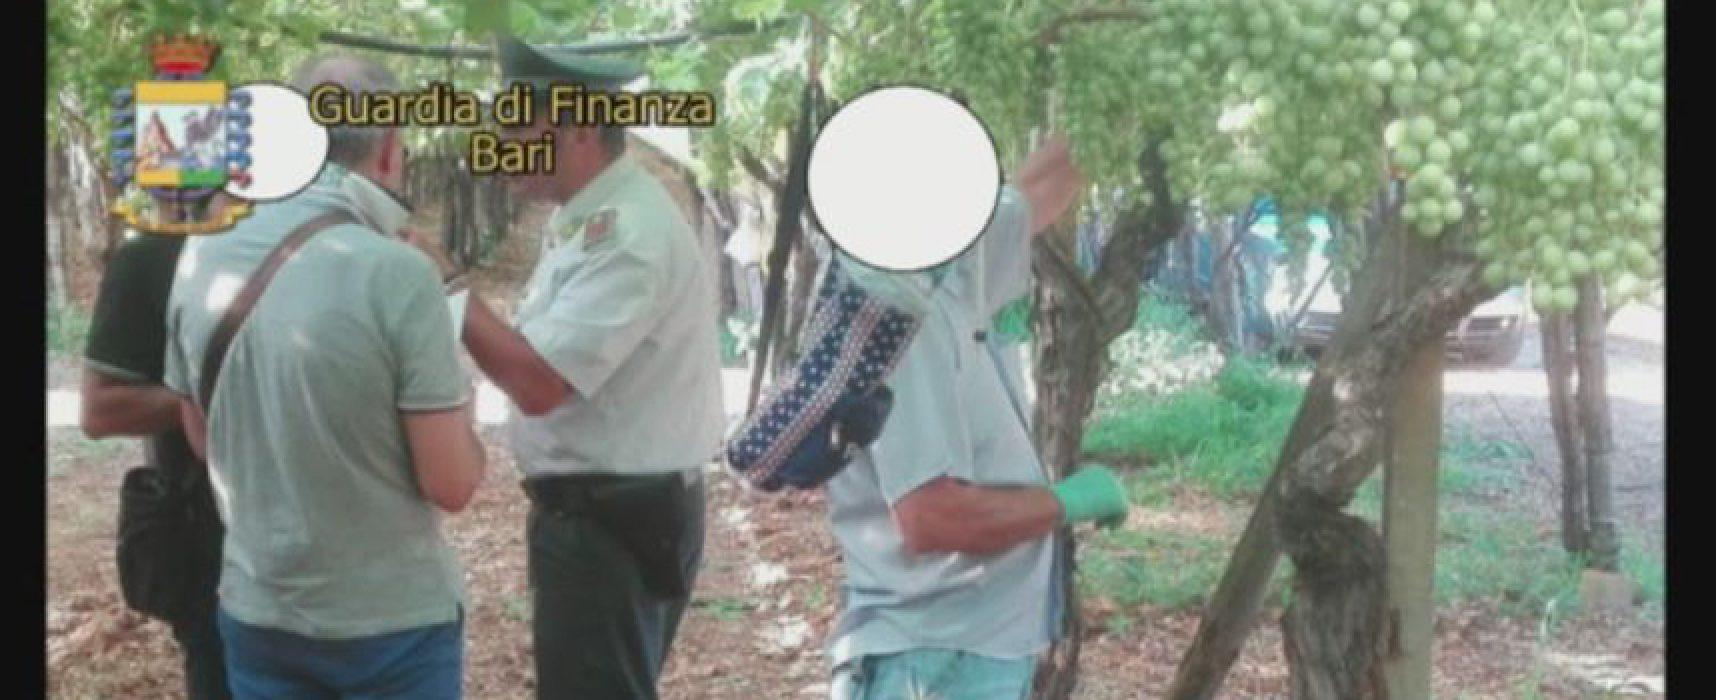 Caporalato: domiciliari sostituiti con obbligo di dimora ai tre arrestati